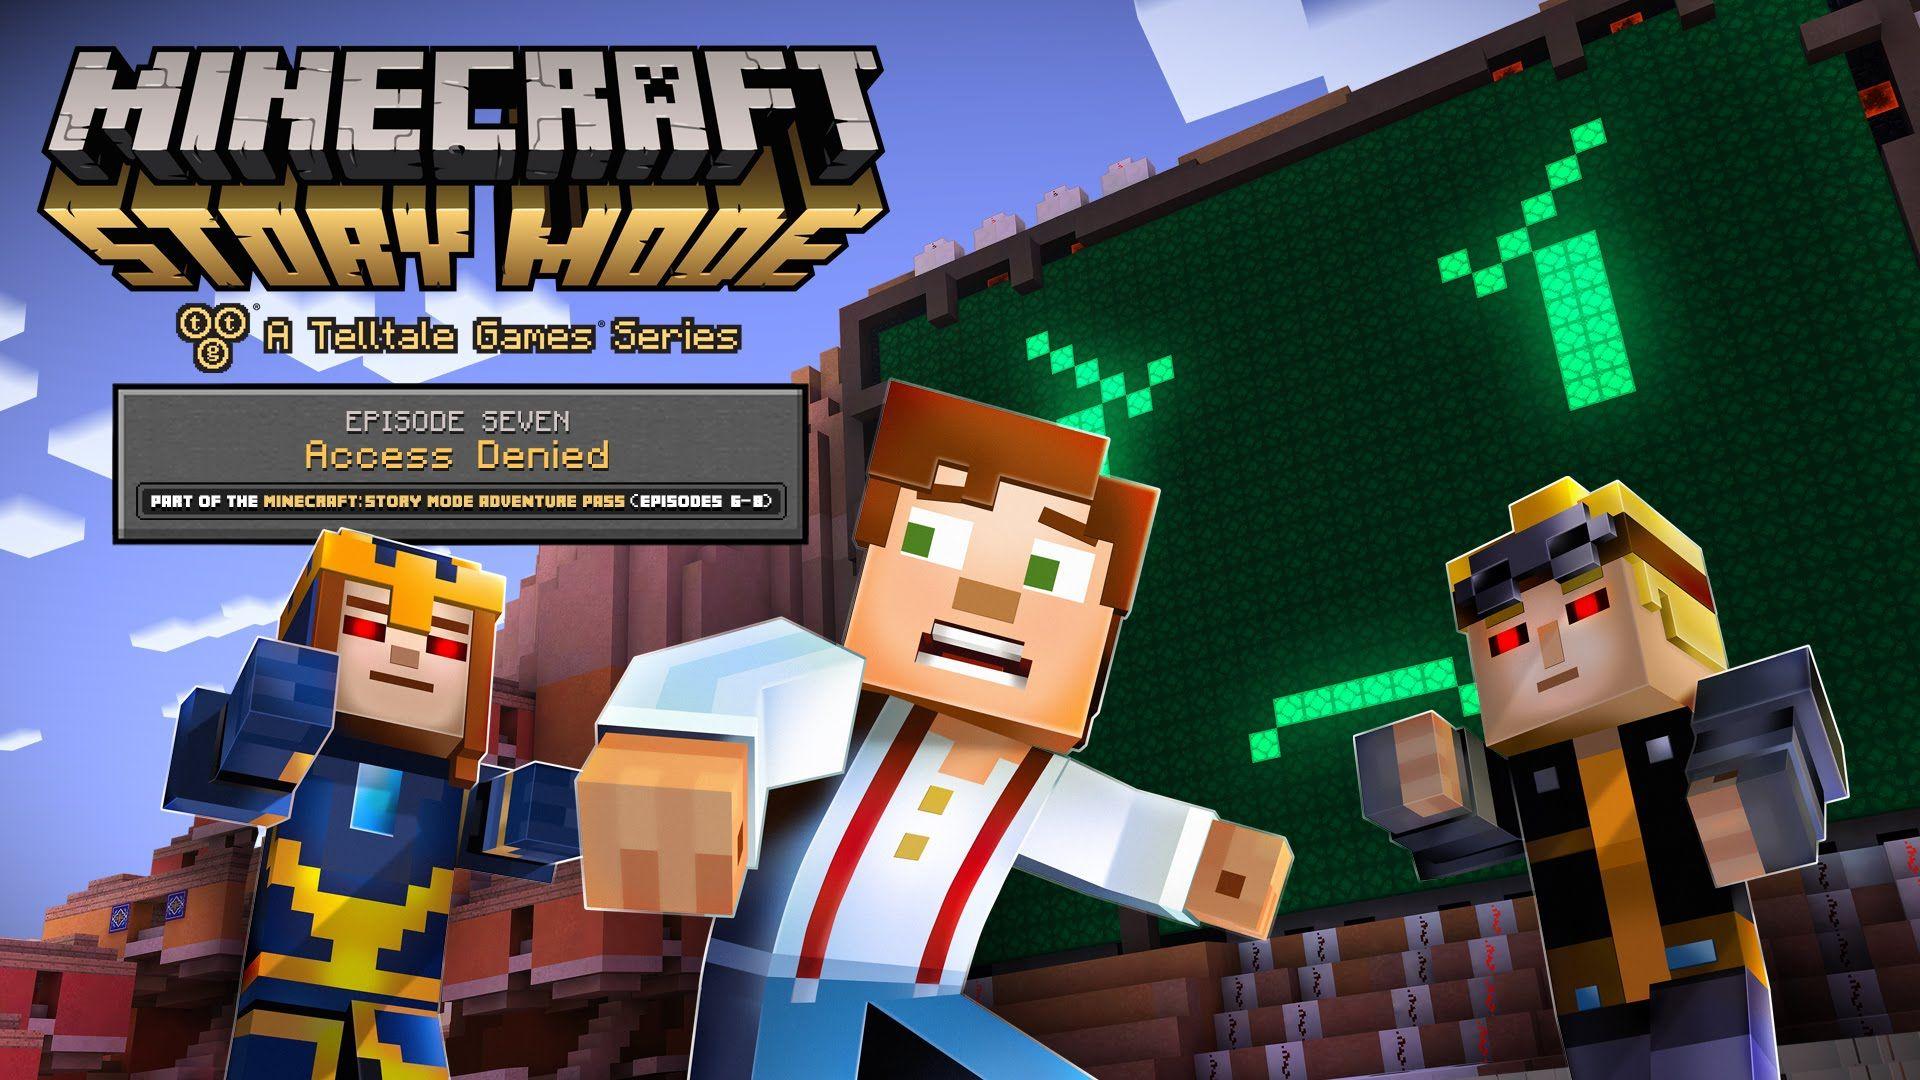 Minecraft Story Mode Episode Access Denied Trailer YouTube - Minecraft ahnliche spiele iphone